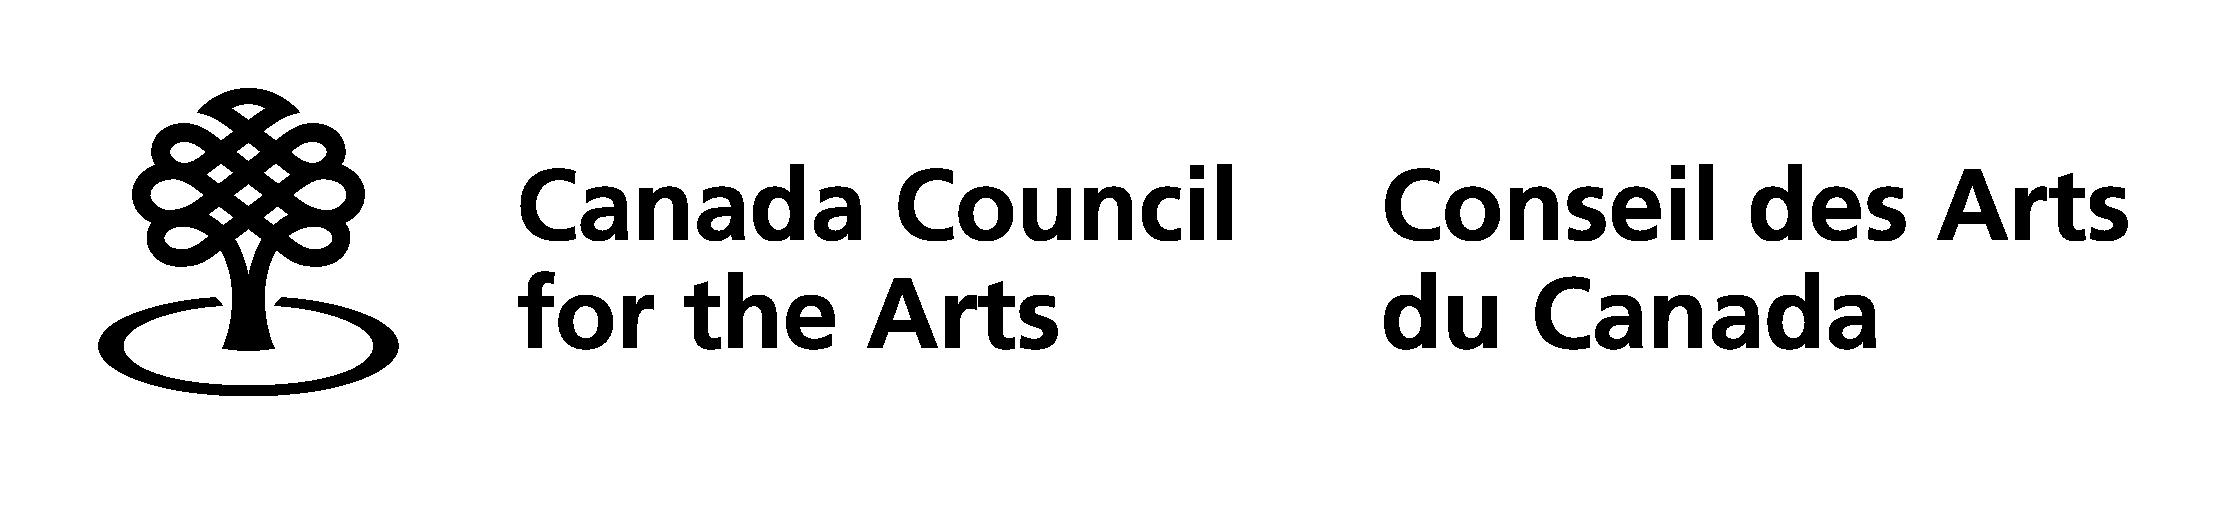 logo canada council.jpg